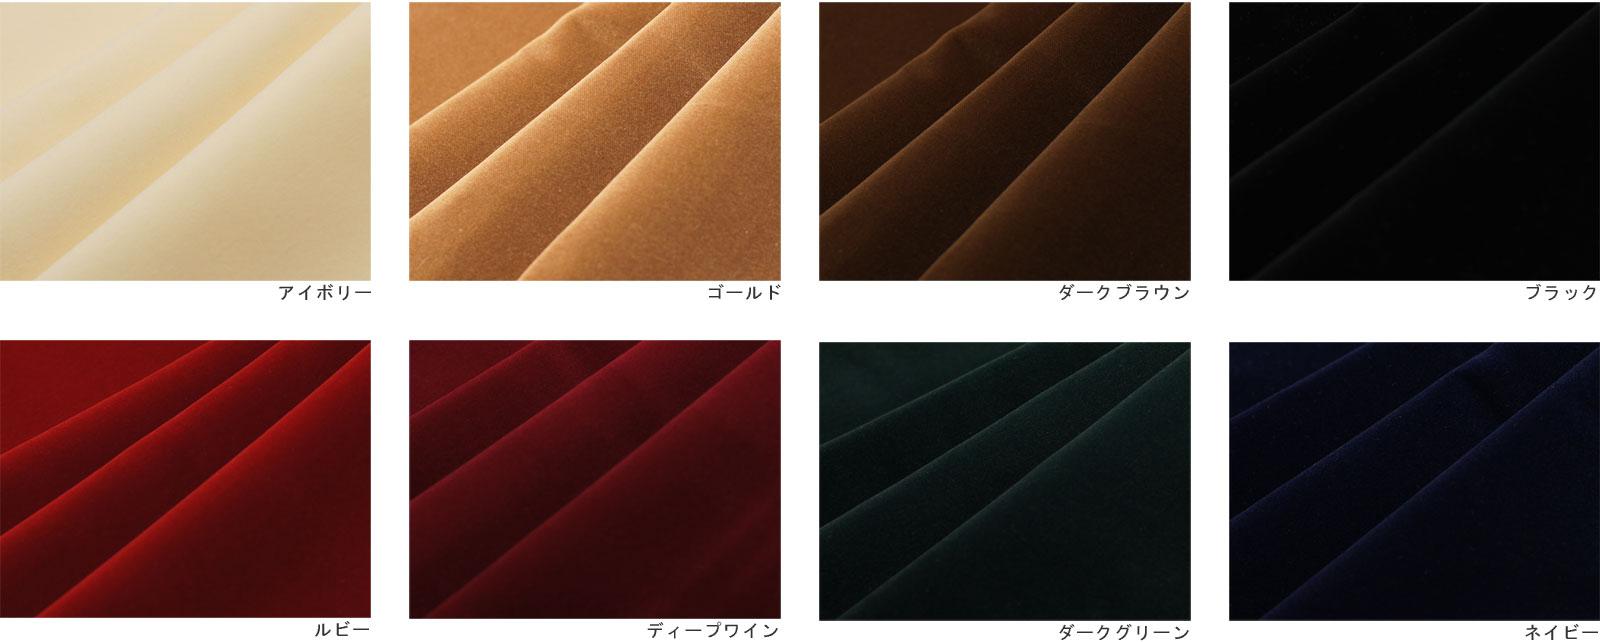 ベルベット オーダーカーテン 【綿100%】【日本製】